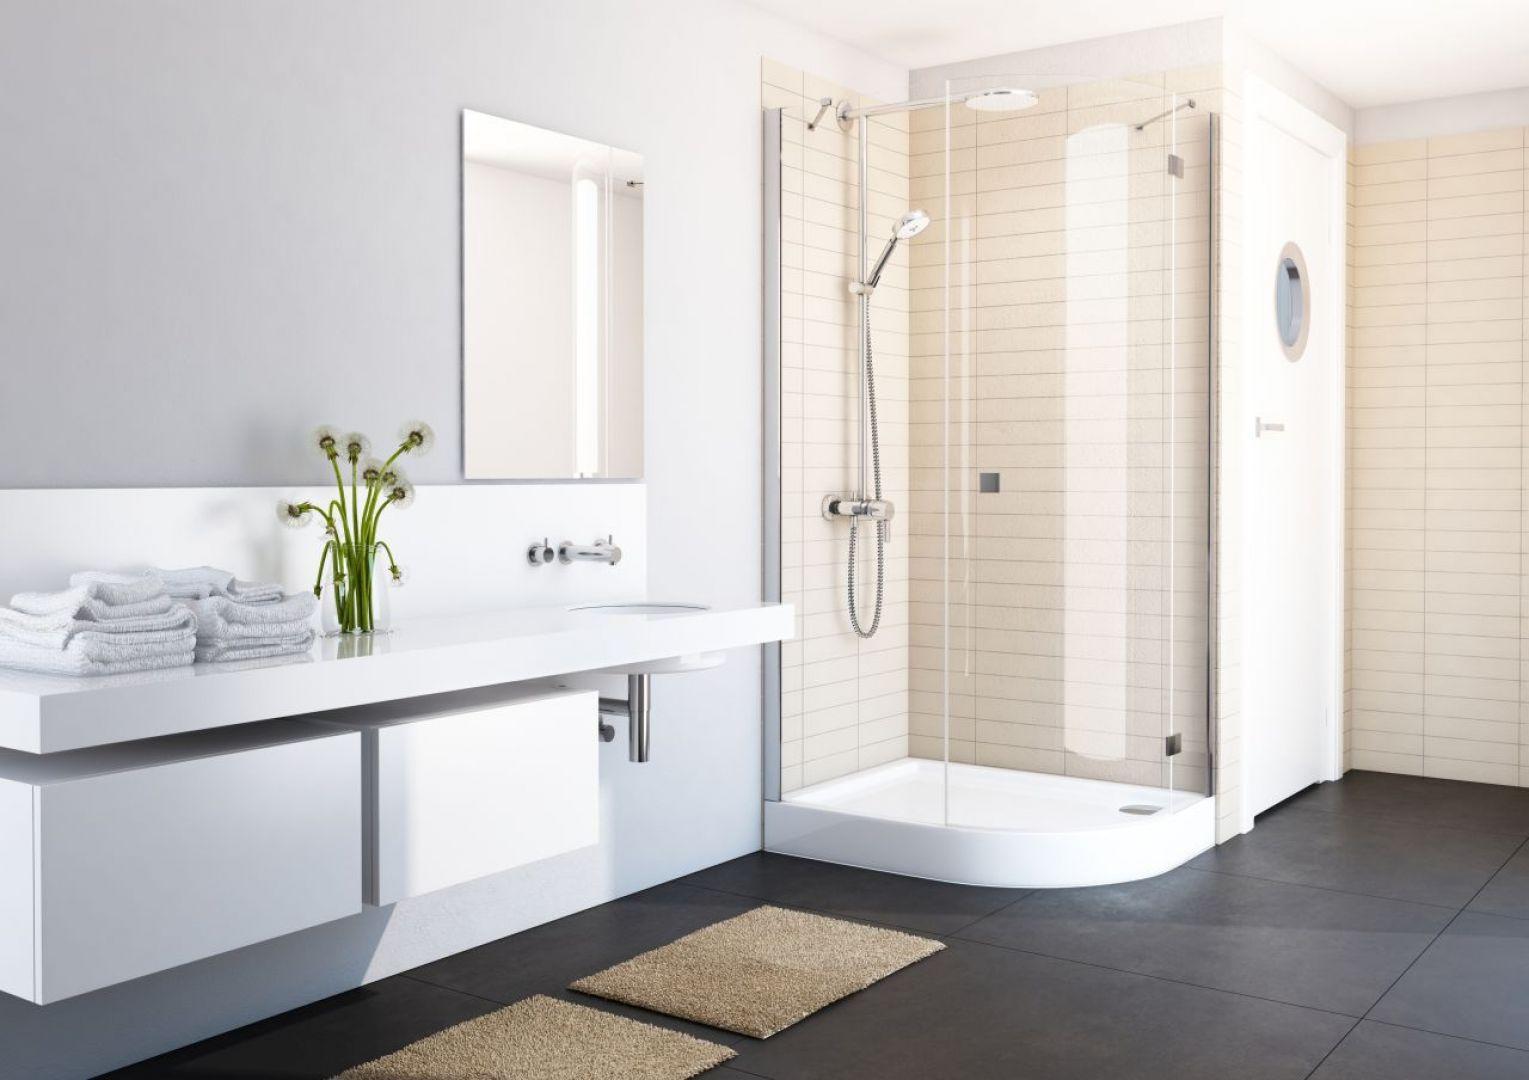 Beże, szarości, brązy, czyli tzw. kolory ziemi to barwy, które będą królowały w łazienkach w 2021 roku. Fot. Schedpol